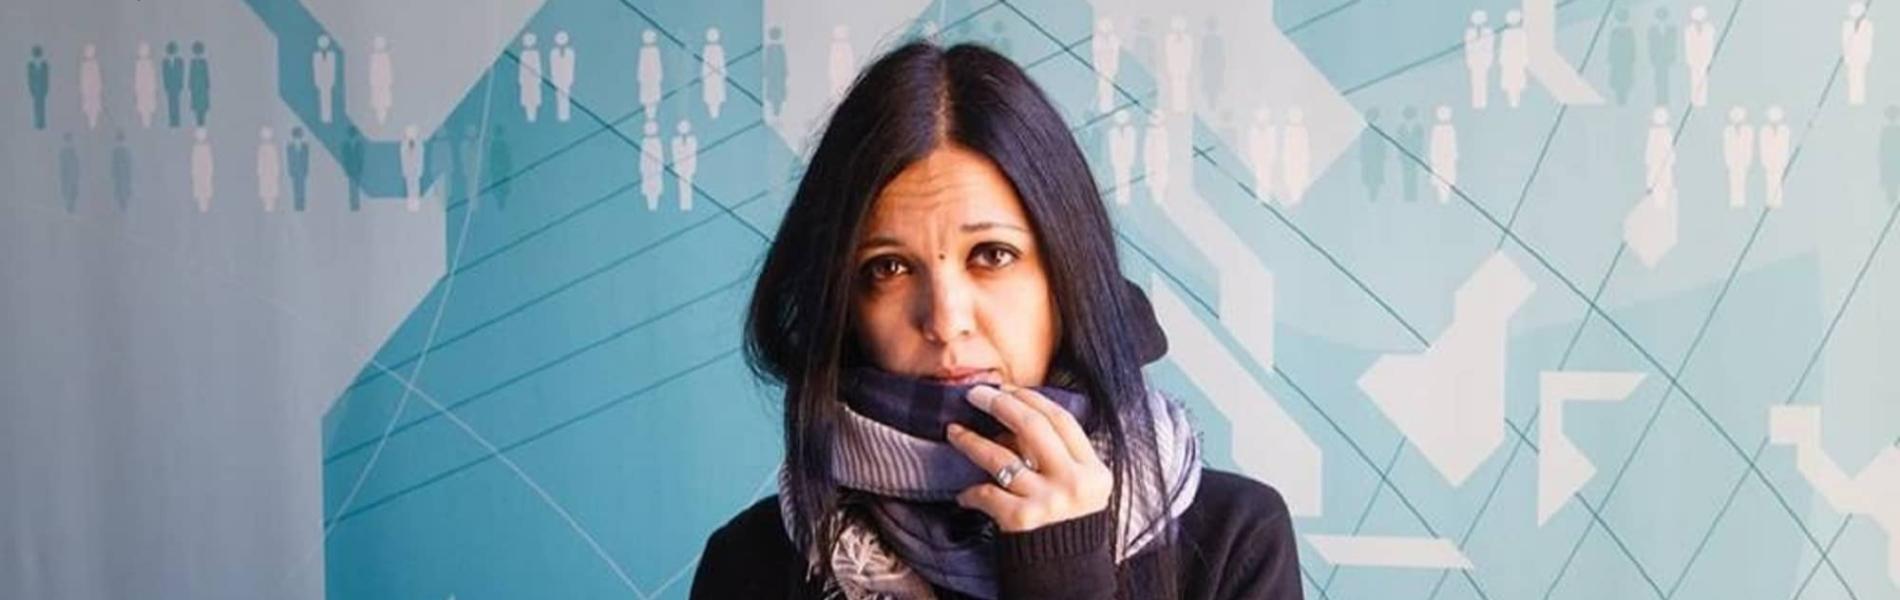 פרנצ'סקה בורי – העיתונאית הכי אמיצה במזרח התיכון